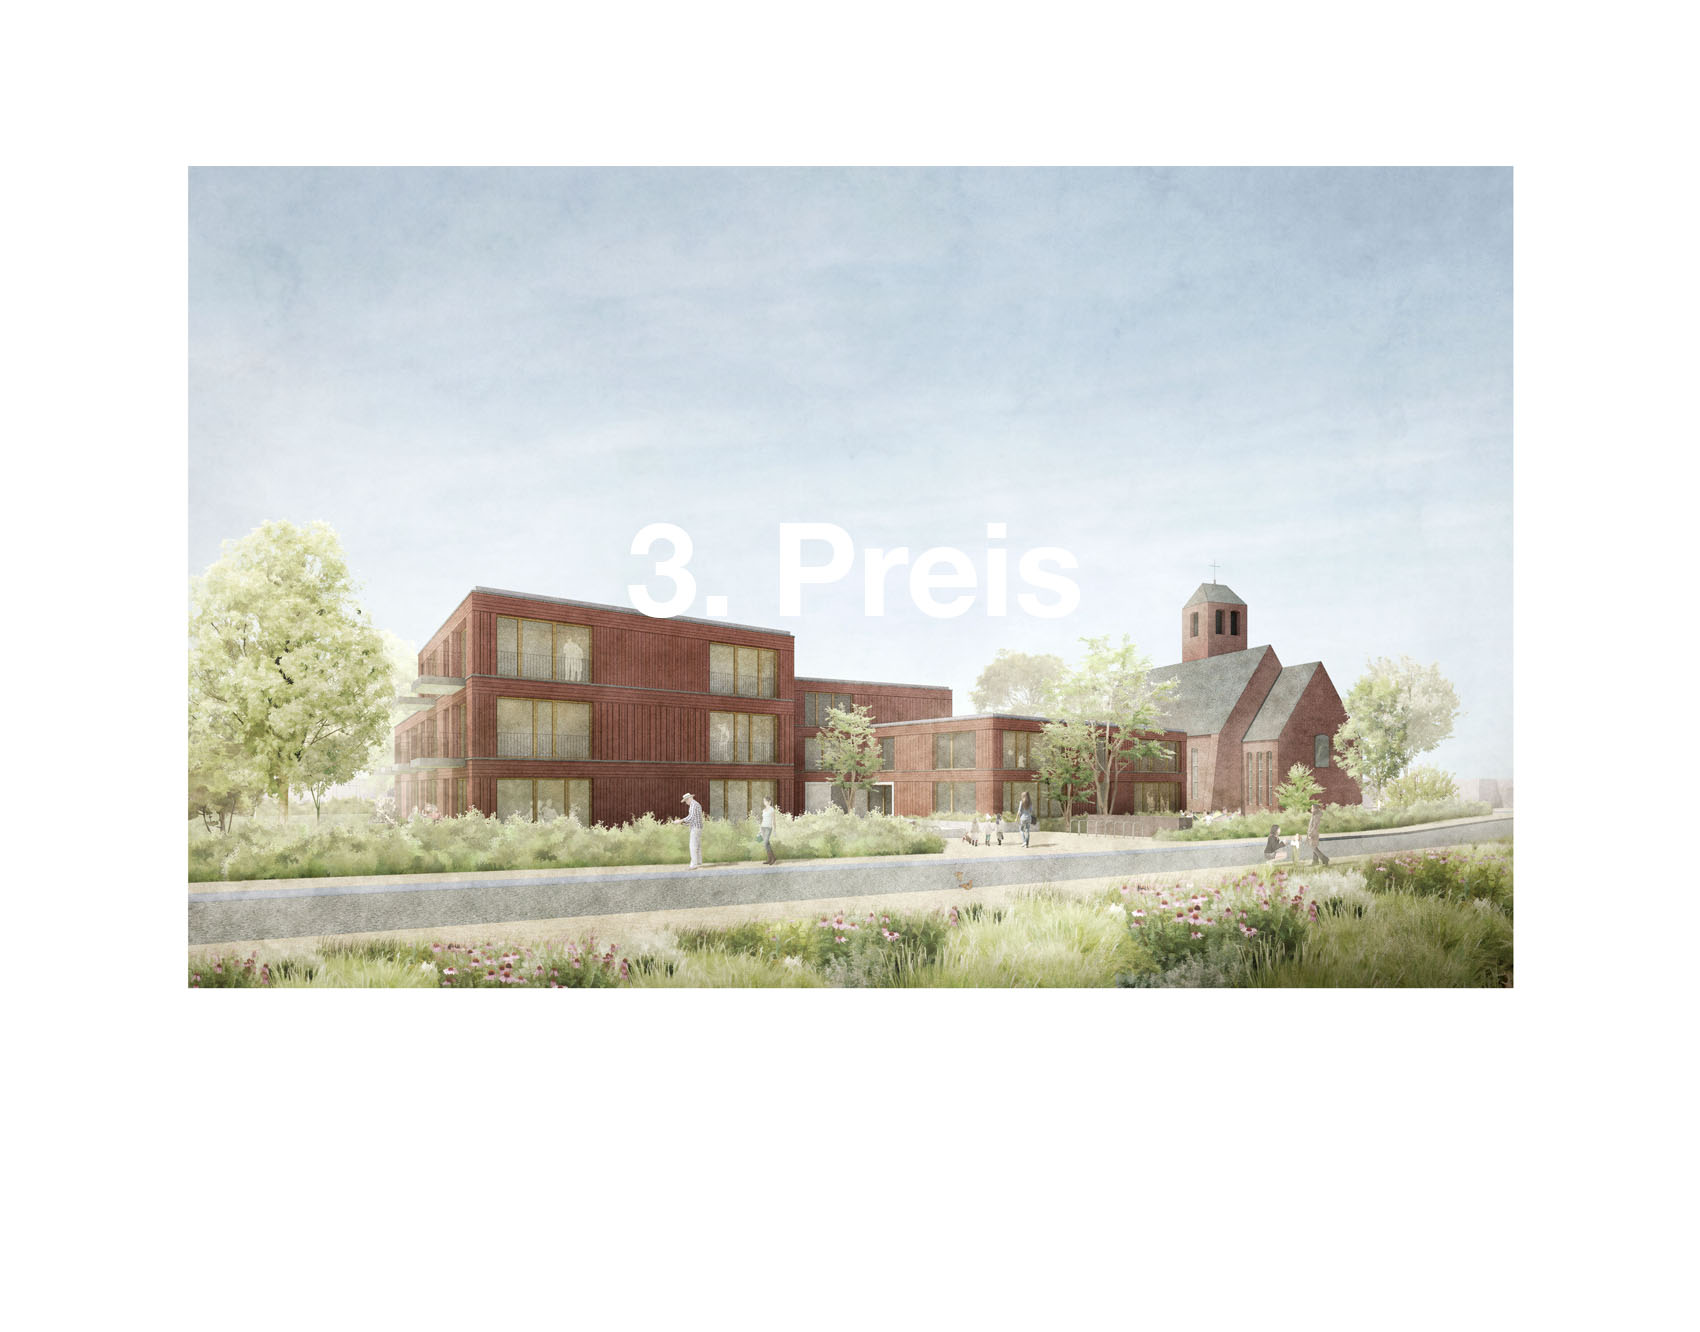 """05/2019<br>HERR & SCHNELL gewinnen in Zusammenarbeit mit Heyden und Hidde Architekten den 3. Preis<br>für ein Gemeindehaus mit KITA und einem Wohnungsbau in Hamburg Sülldorf.<br><br><a href=""""/suelldorf"""">Projekt</a>"""